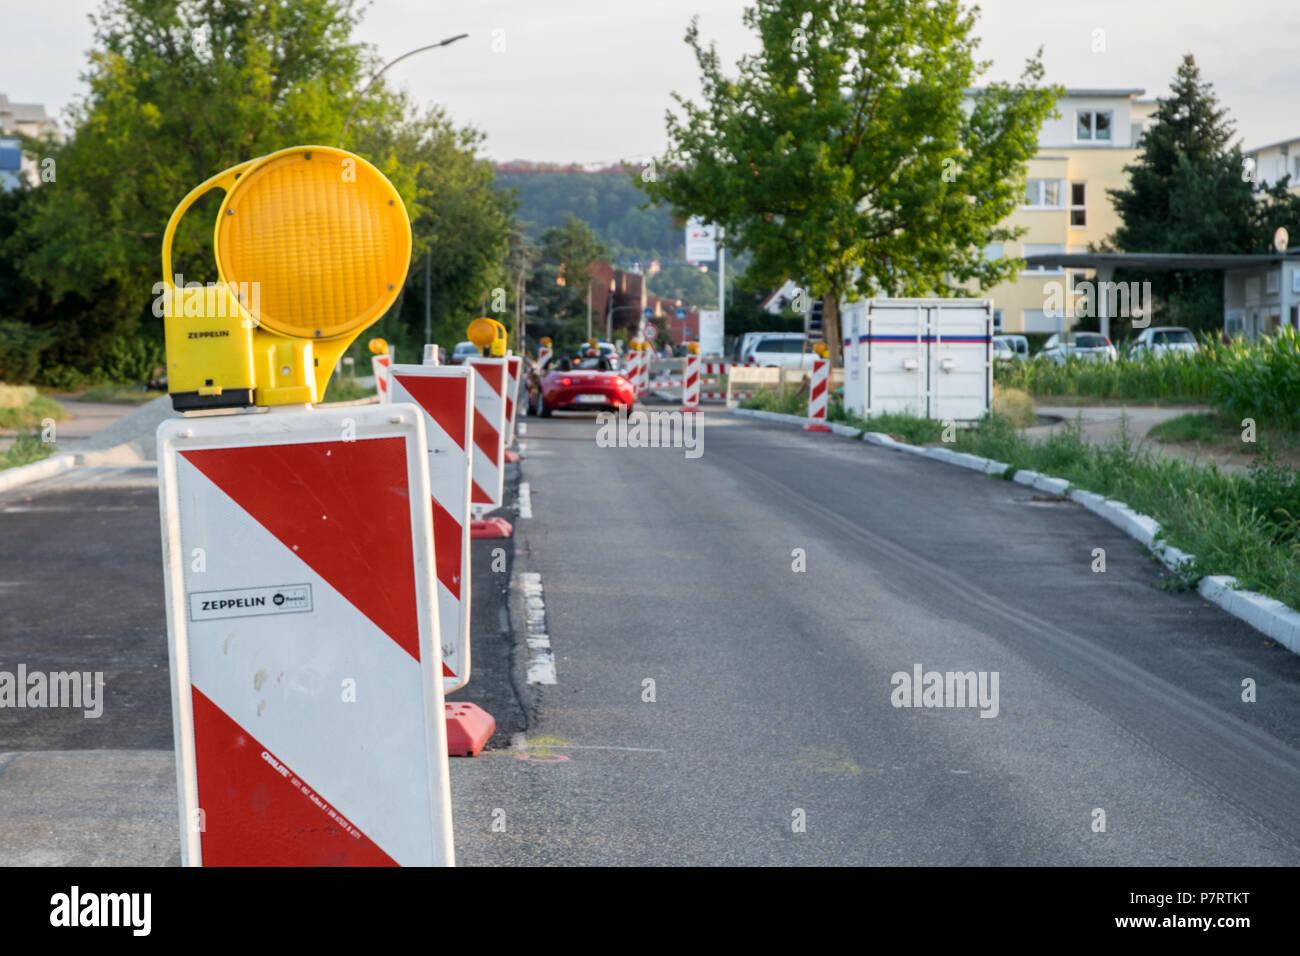 Baustelle in Gerlingen, Deutschland - Stock Image